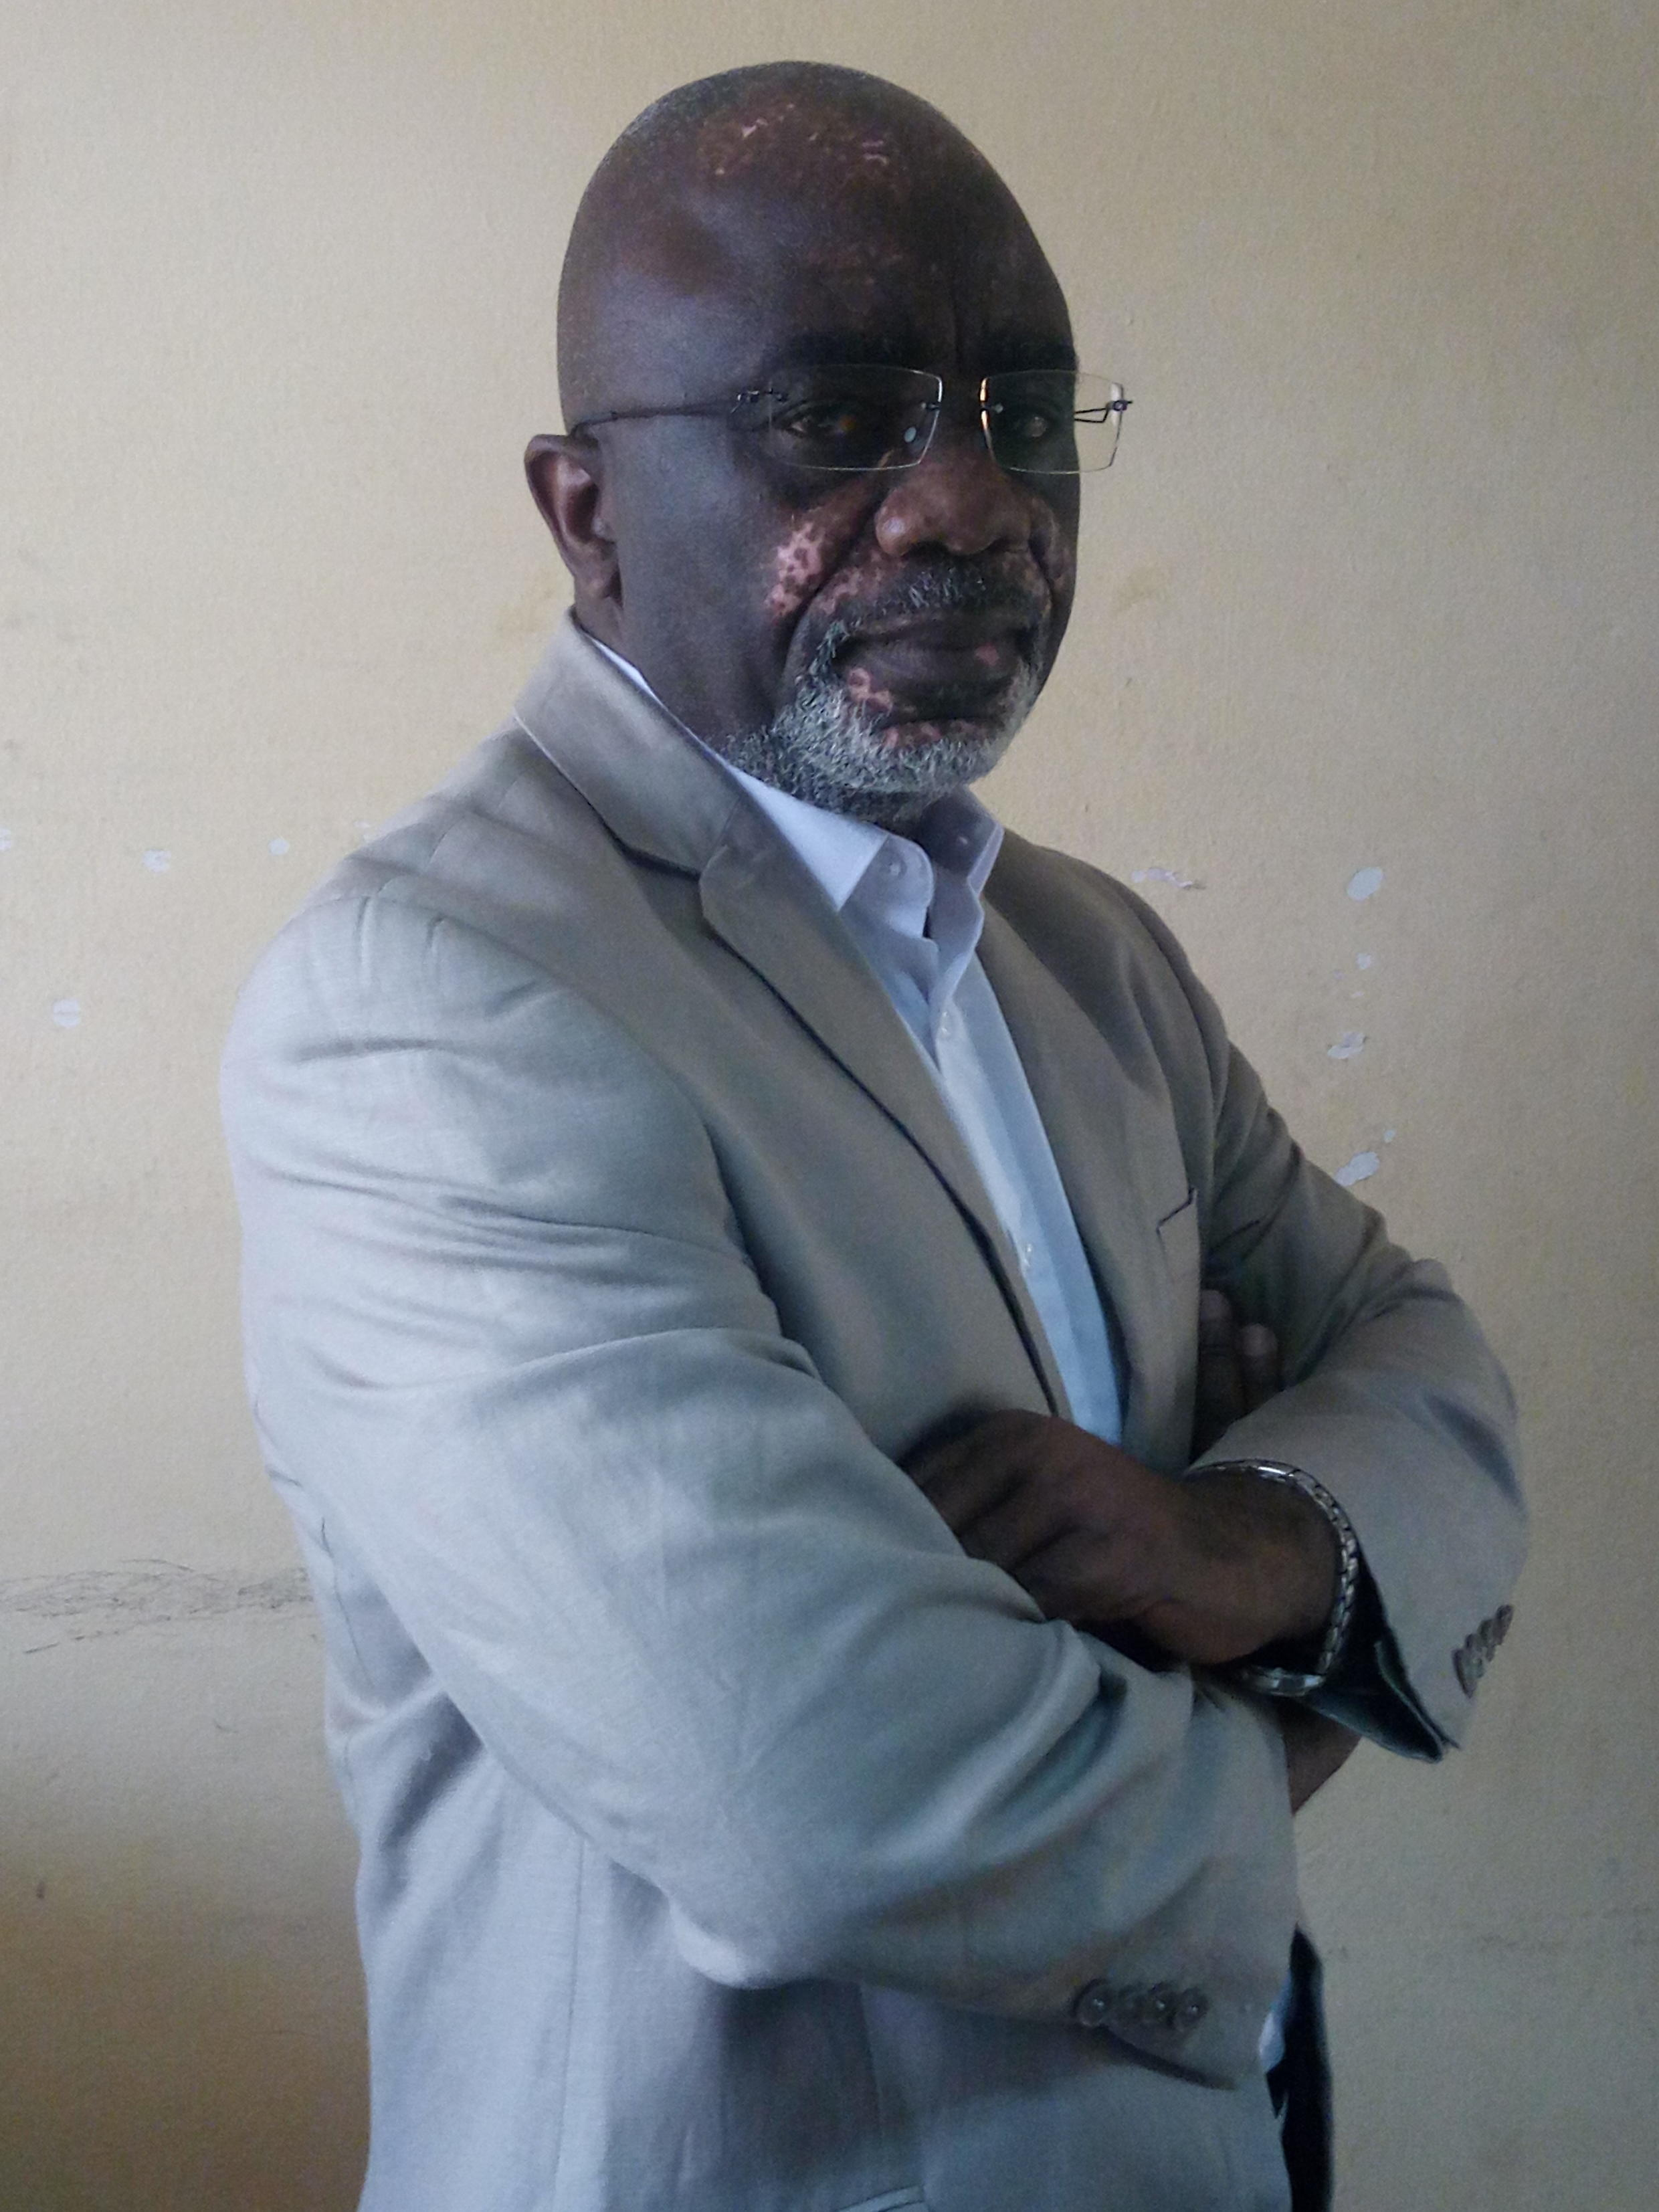 L'esssayiste gabonais Joseph Tonda publie «L'impérialisme postcolonial» chez Karthala.